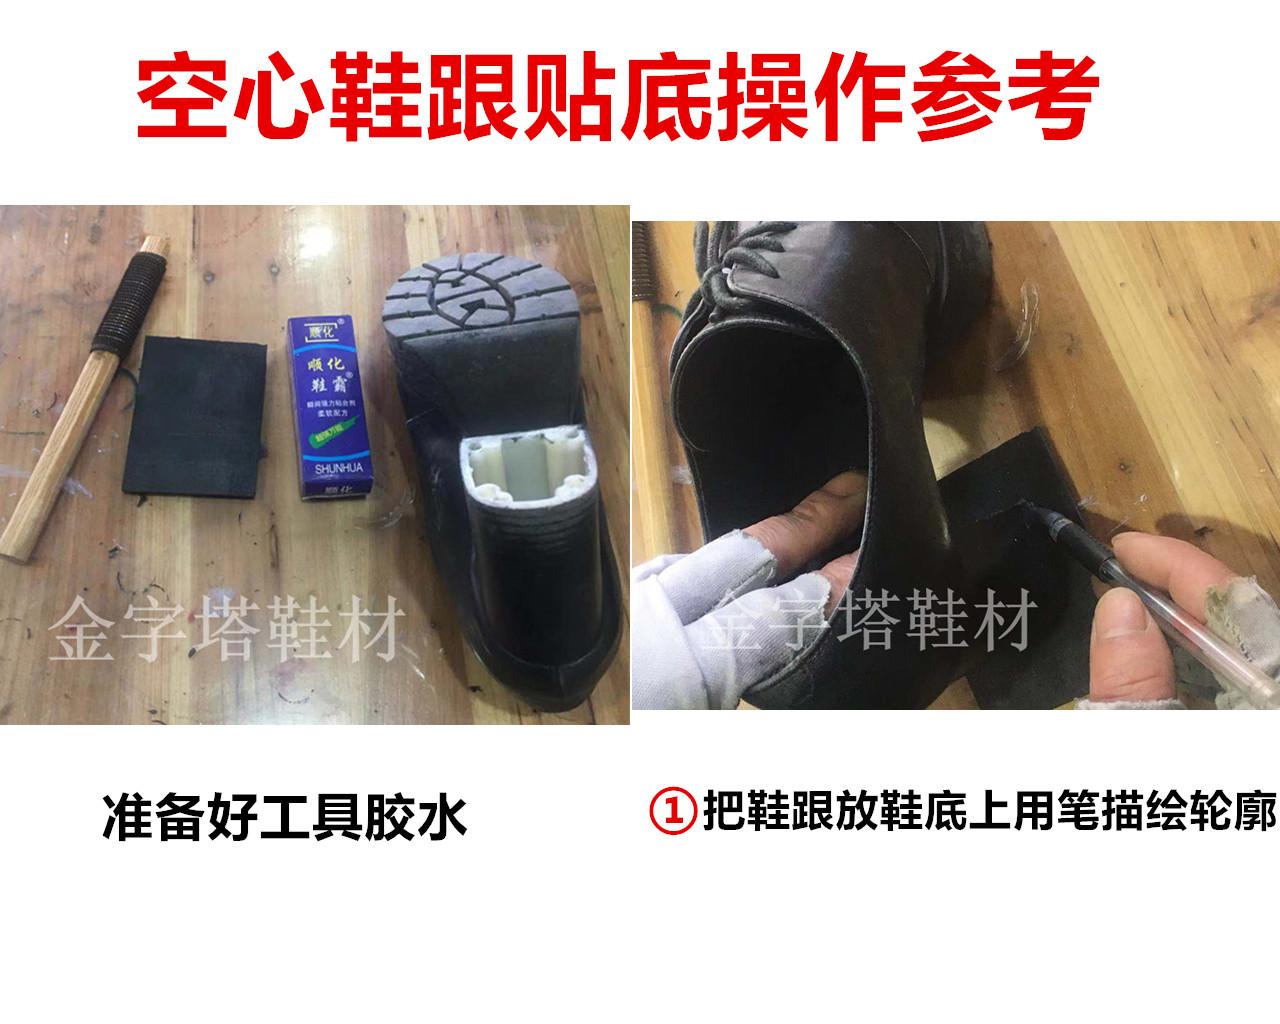 鞋跟钉板材加厚鞋后跟静音修復鞋底防滑耐磨贴片修鞋材料配件包邮详细照片